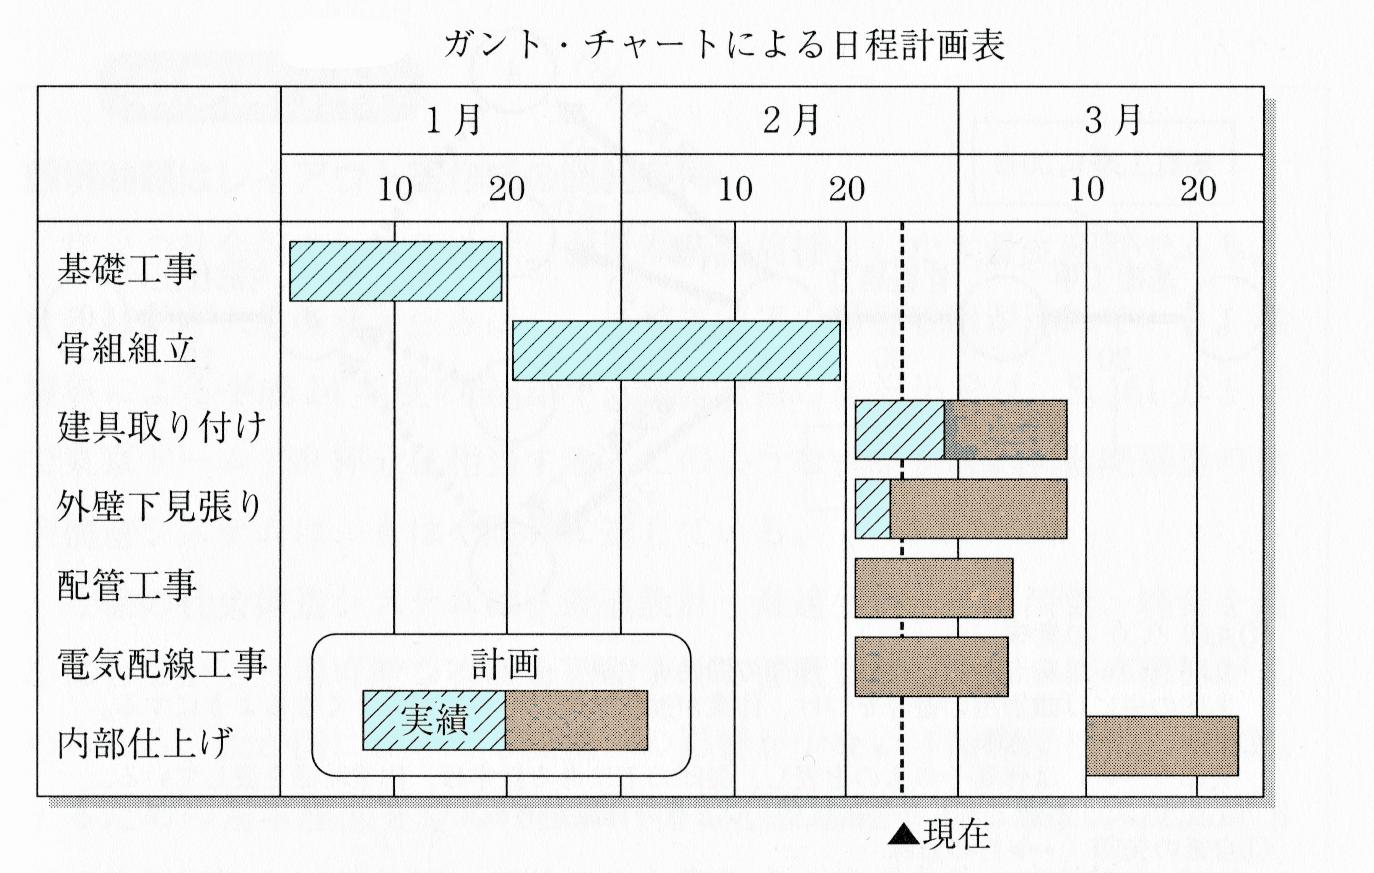 ガント・チャートによる日程計画表